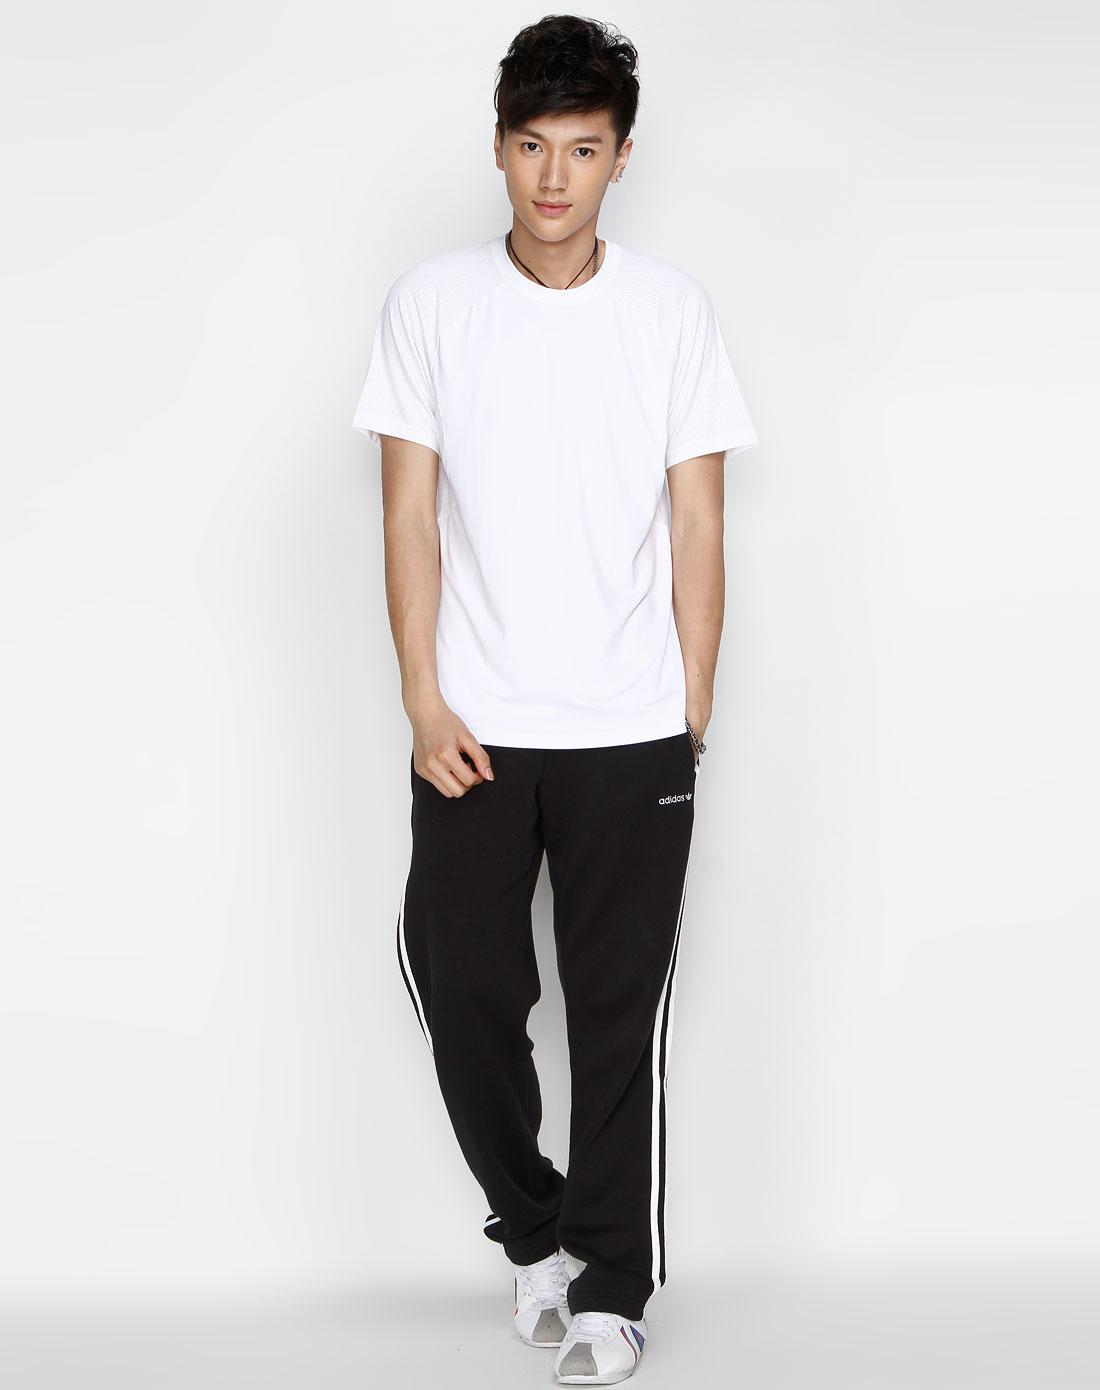 sp 男款 白色休闲短袖t恤